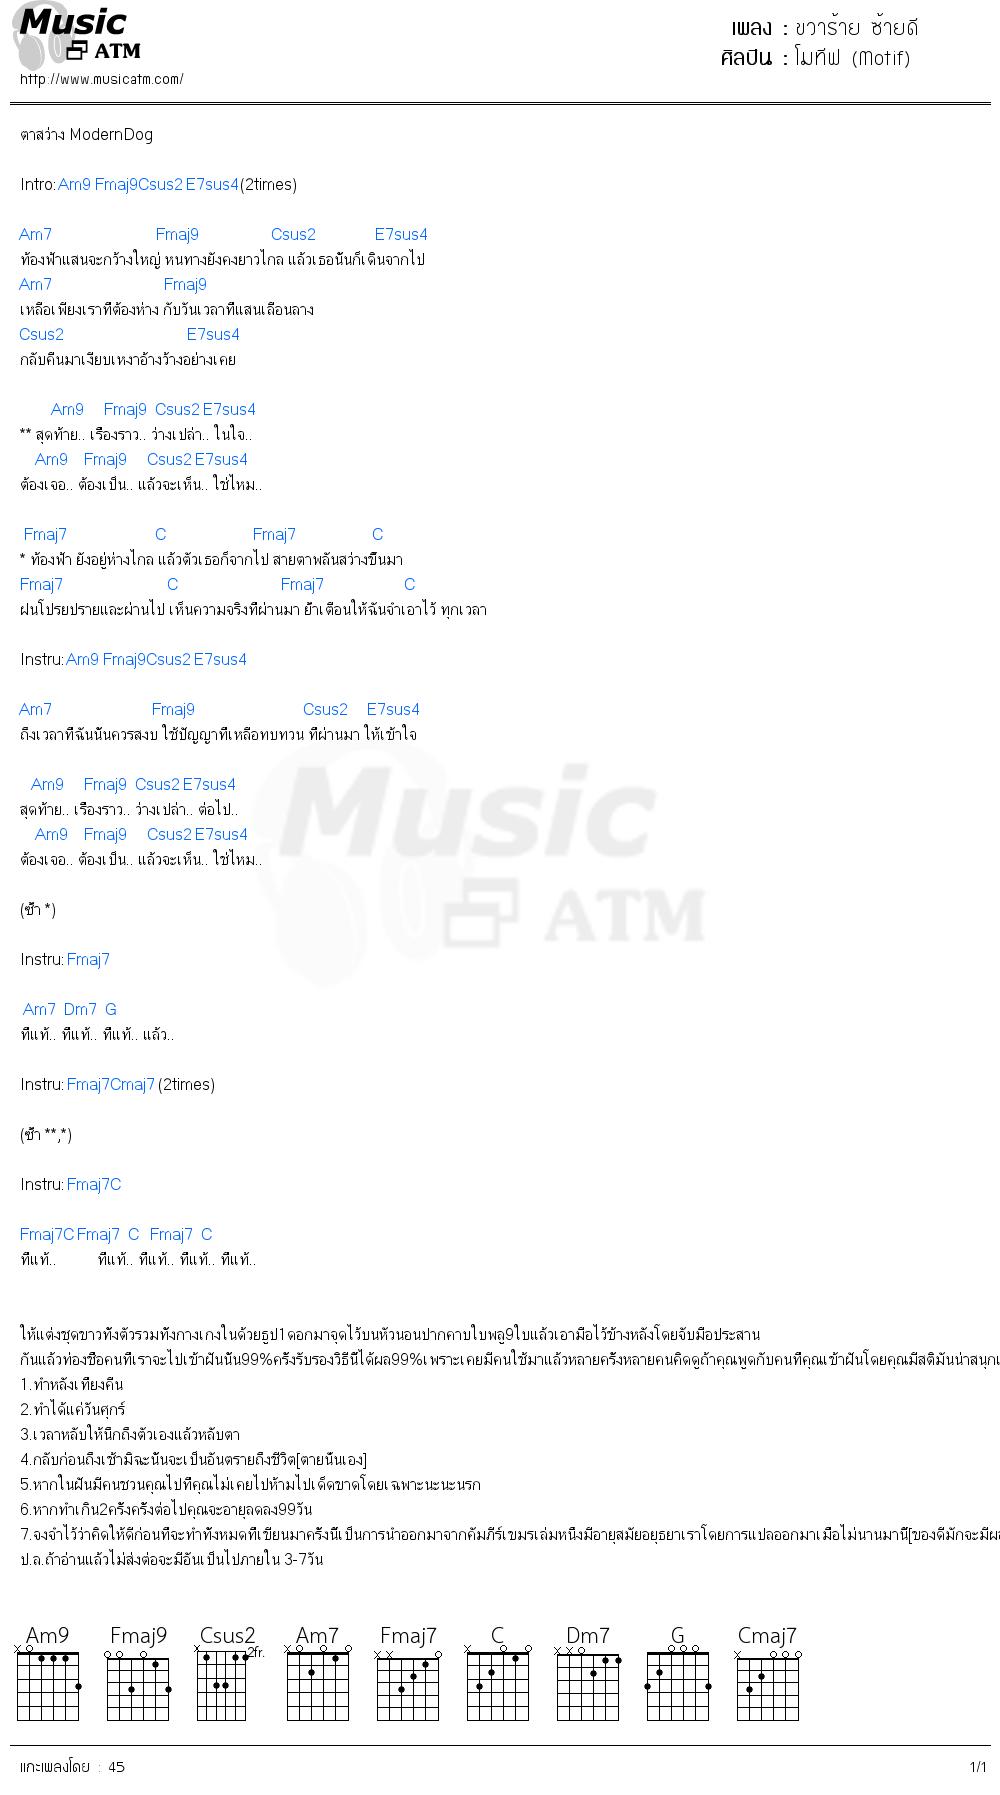 คอร์ดเพลง ขวาร้าย ซ้ายดี - โมทีฟ (Motif) | คอร์ดเพลงใหม่